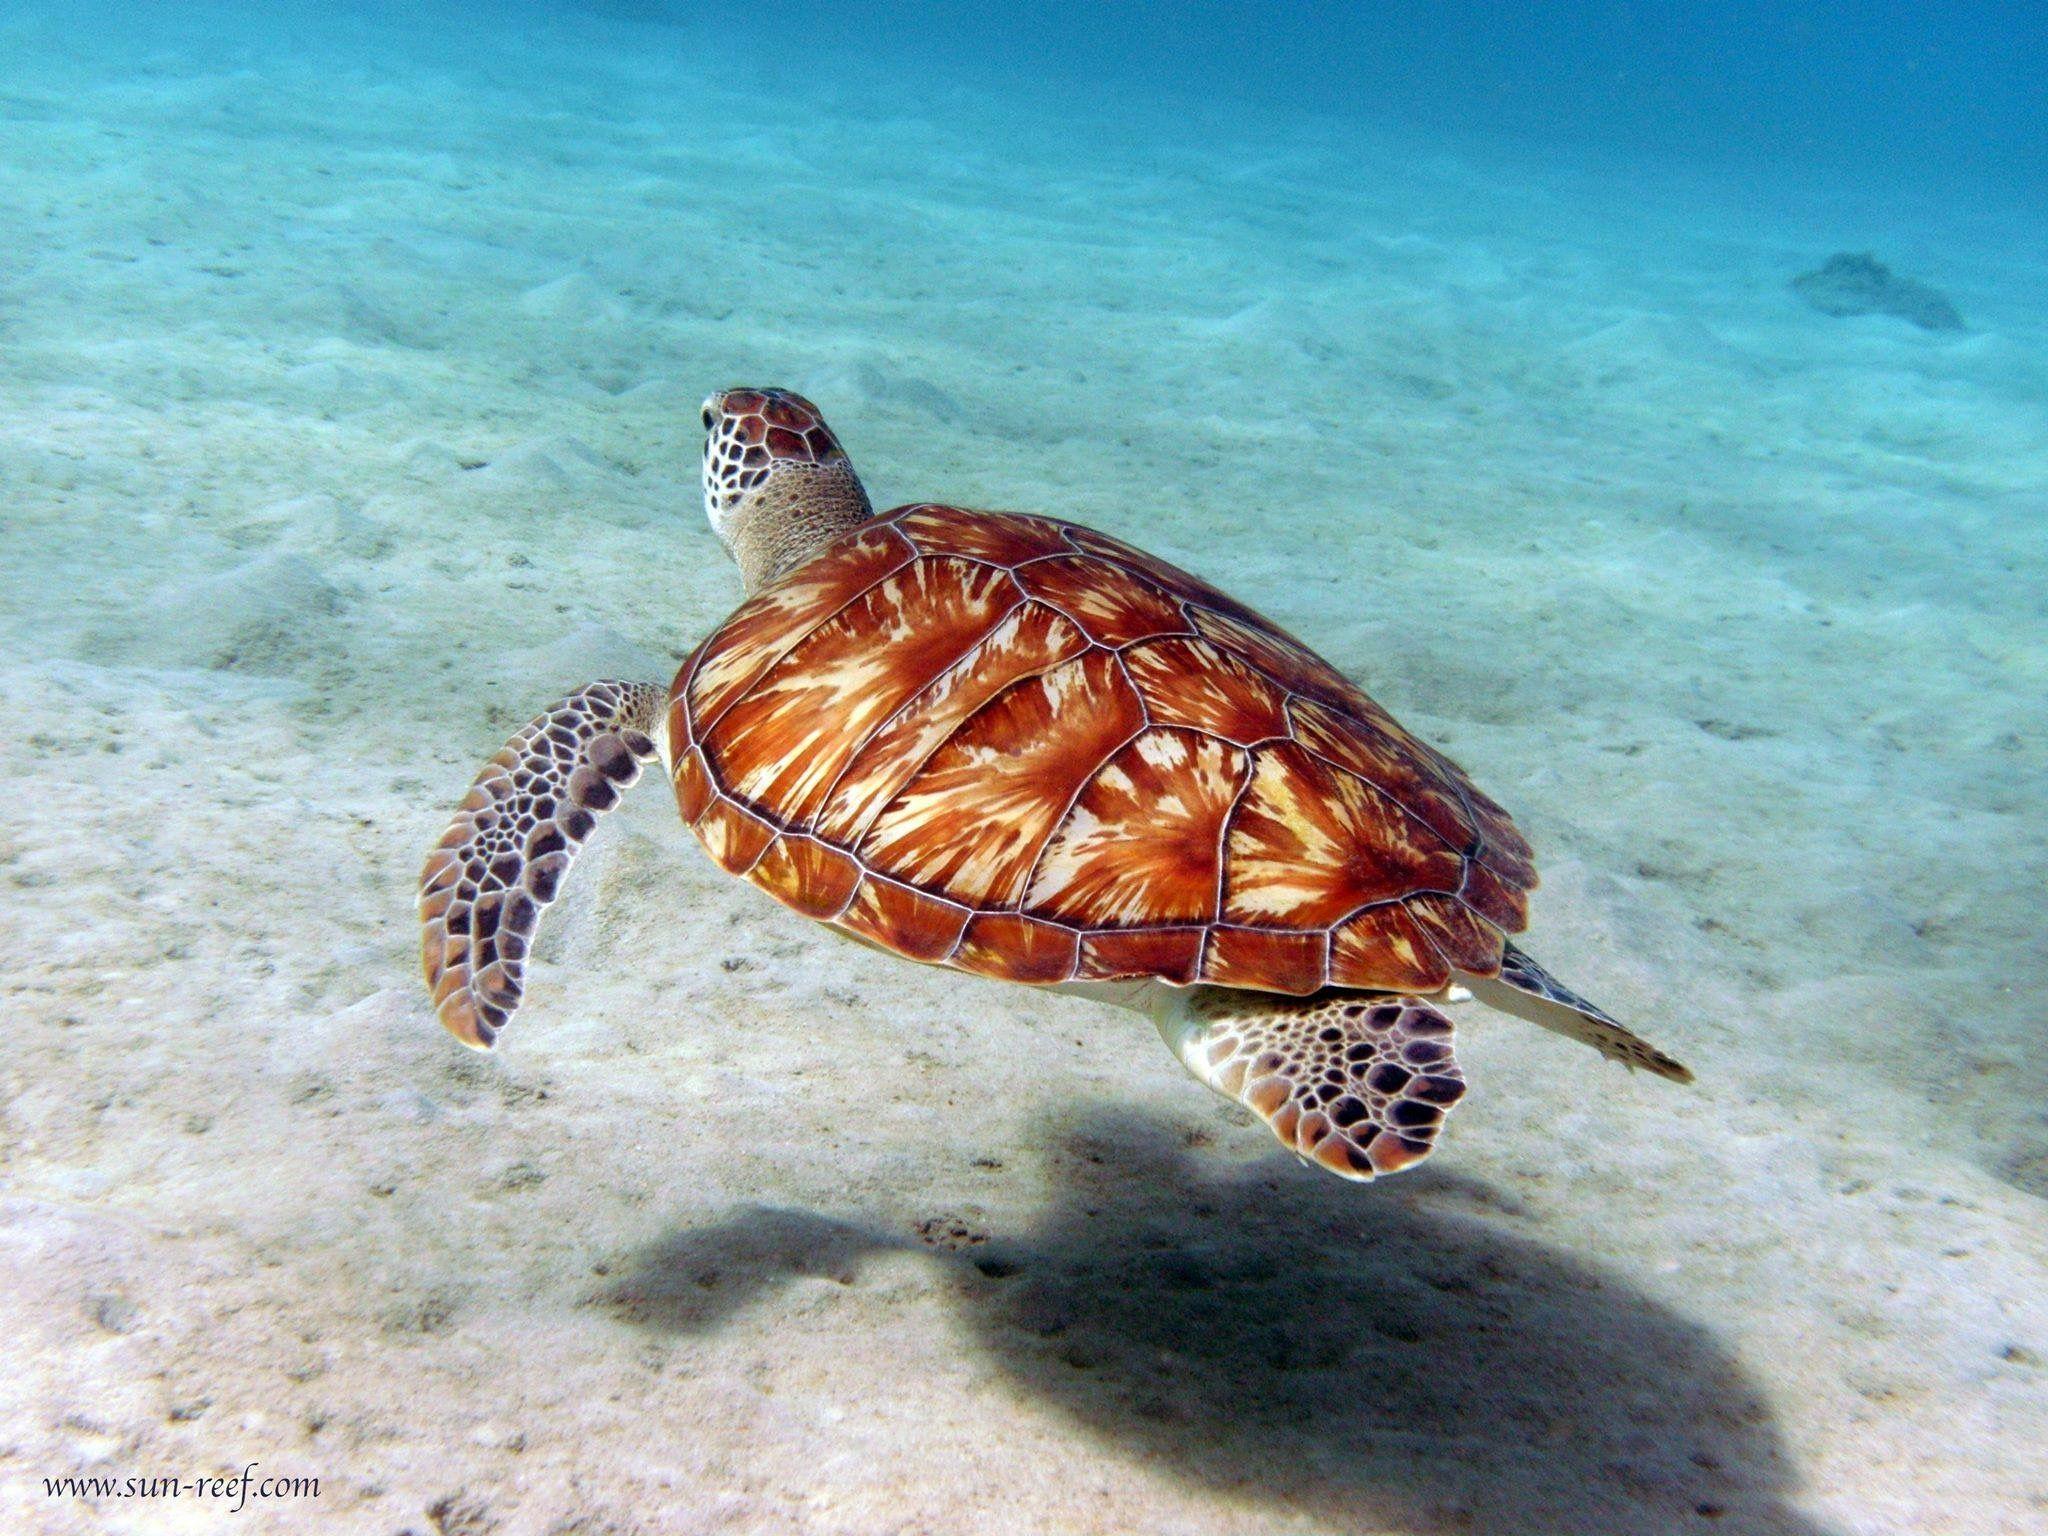 Met Eigen Ogen Schildpadden Zien Tijdens Het Snorkelen Is Echt Een Belevenis Bij O A Klein Curacao Zie Je Ze Zo Onder Je Zwemmen Snorkelen Curacao Dieren